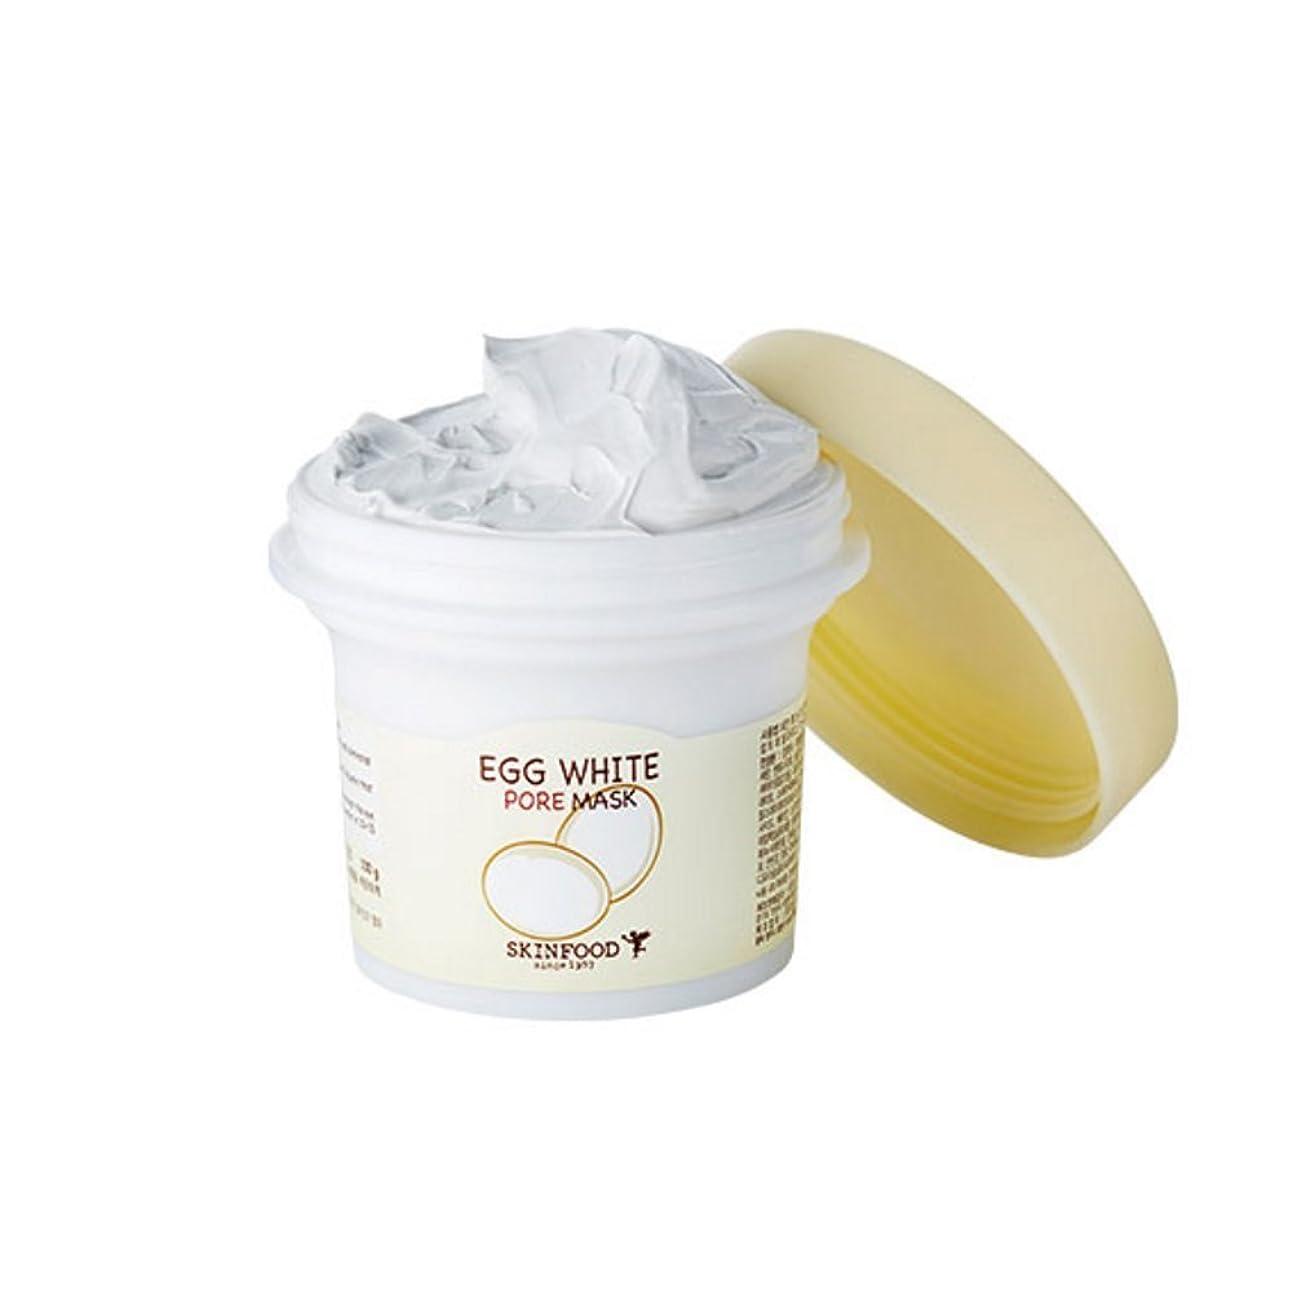 拍車ジャケットデマンド[スキンフード] SKINFOODエッグホワイトポアマスク Egg White Pore Mask Wash Off 125g [並行輸入品]